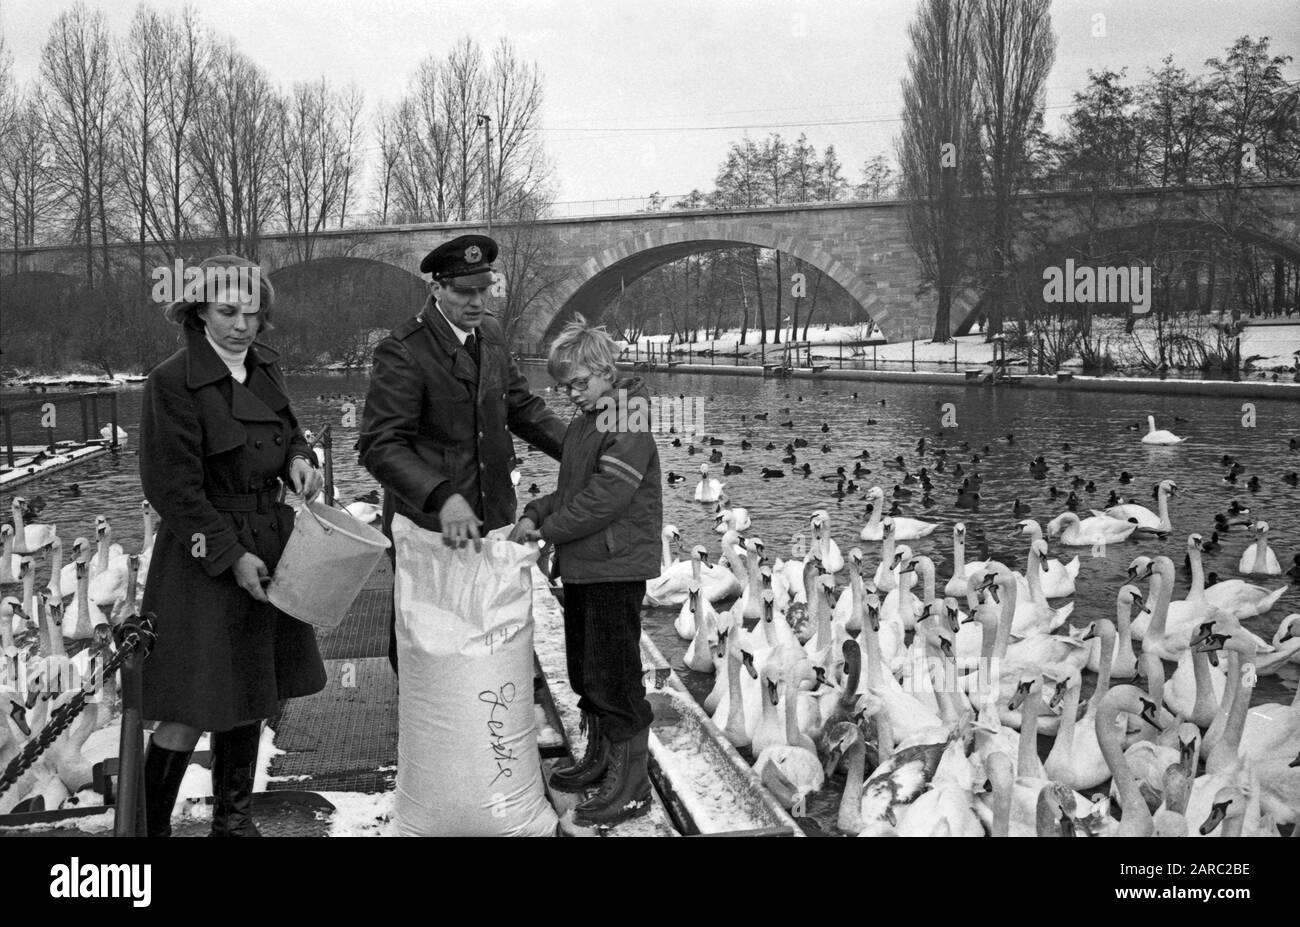 """Der Schwanenvater Harald Niess kümmert sich um die Alsterschwäne in Hamburg, Deutschland 1970er Jahre. Stockman Harald Niess, called """"Schwanenvater"""" feeding and taking care for the swans of Alster in Hamburg, Germany 1970s. Stock Photo"""